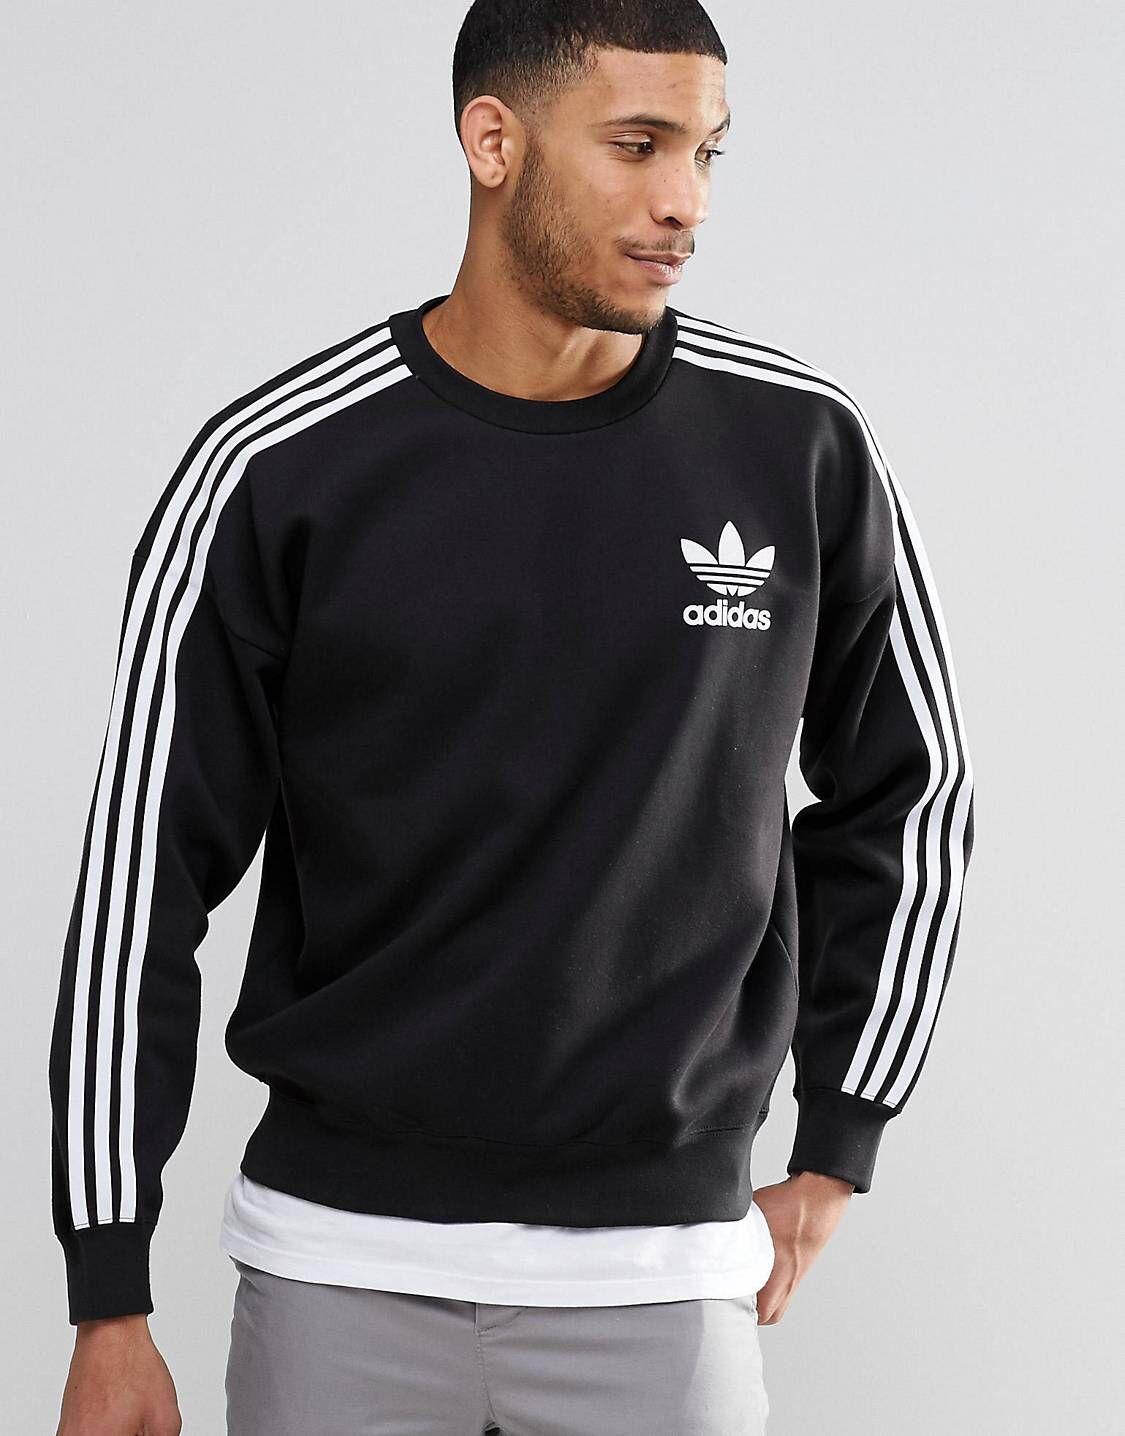 Adidas Originals Adicolour B10717 Crewneck Sweatshirt Asos Herretoj Sweatshirt Adidas Originals [ 1436 x 1125 Pixel ]